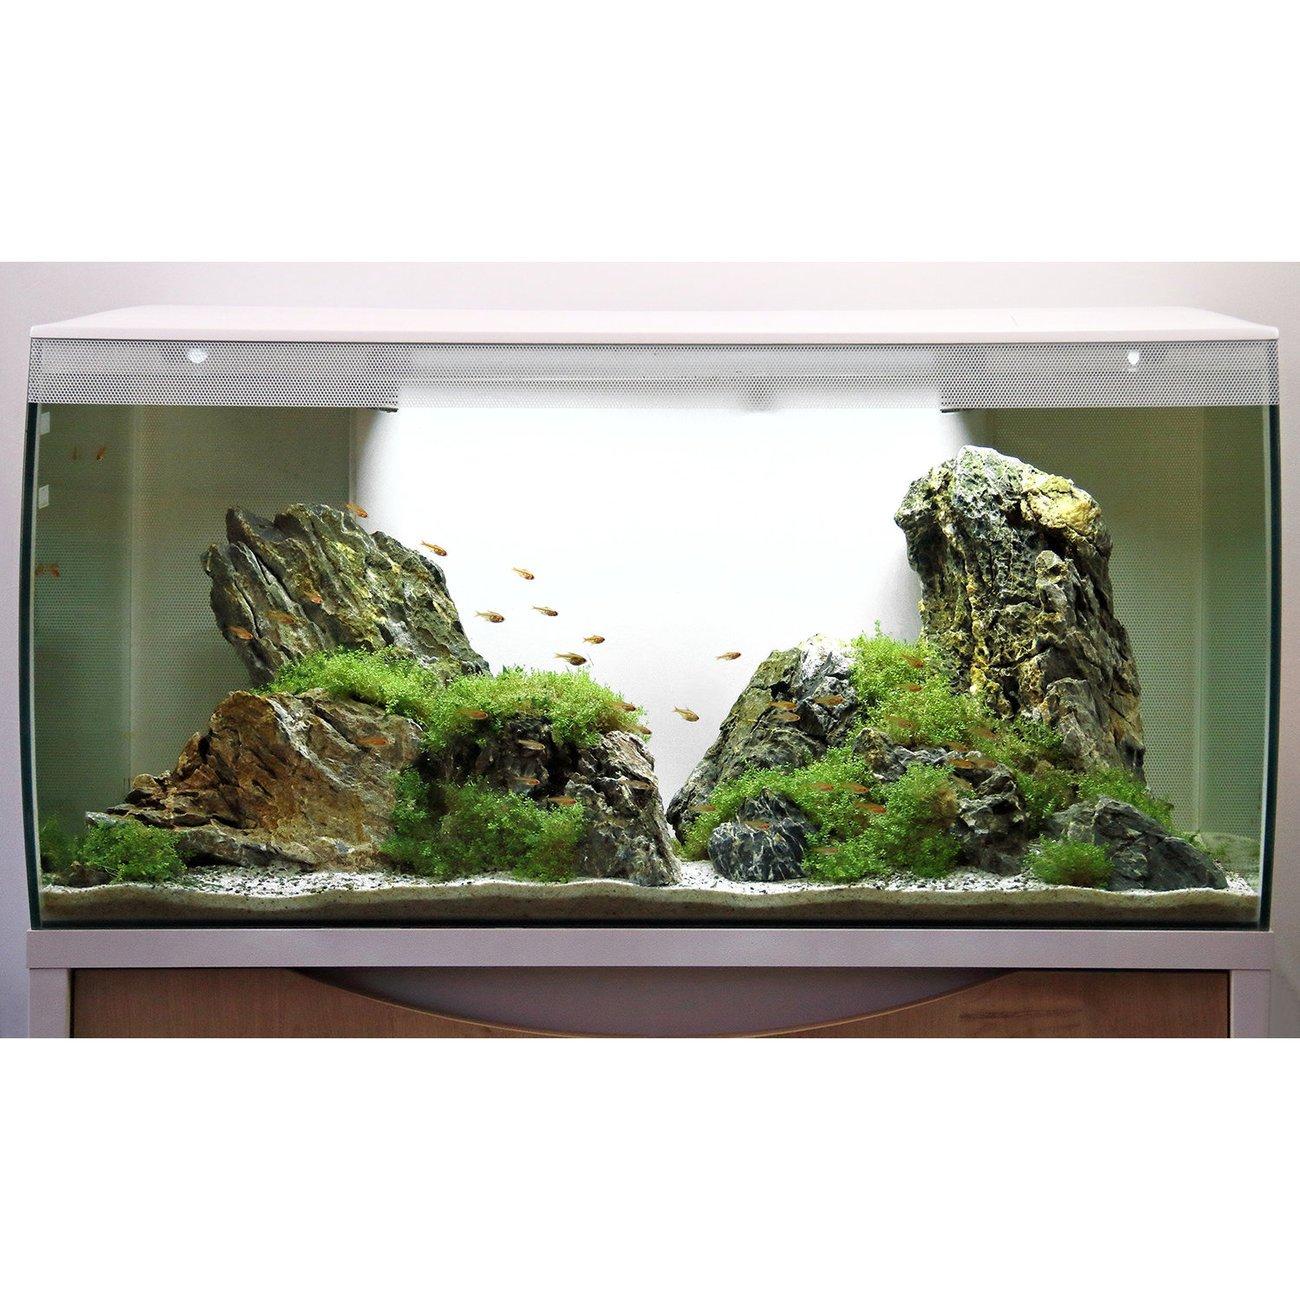 Fluval Flex 123 Liter Aquarium, Bild 8